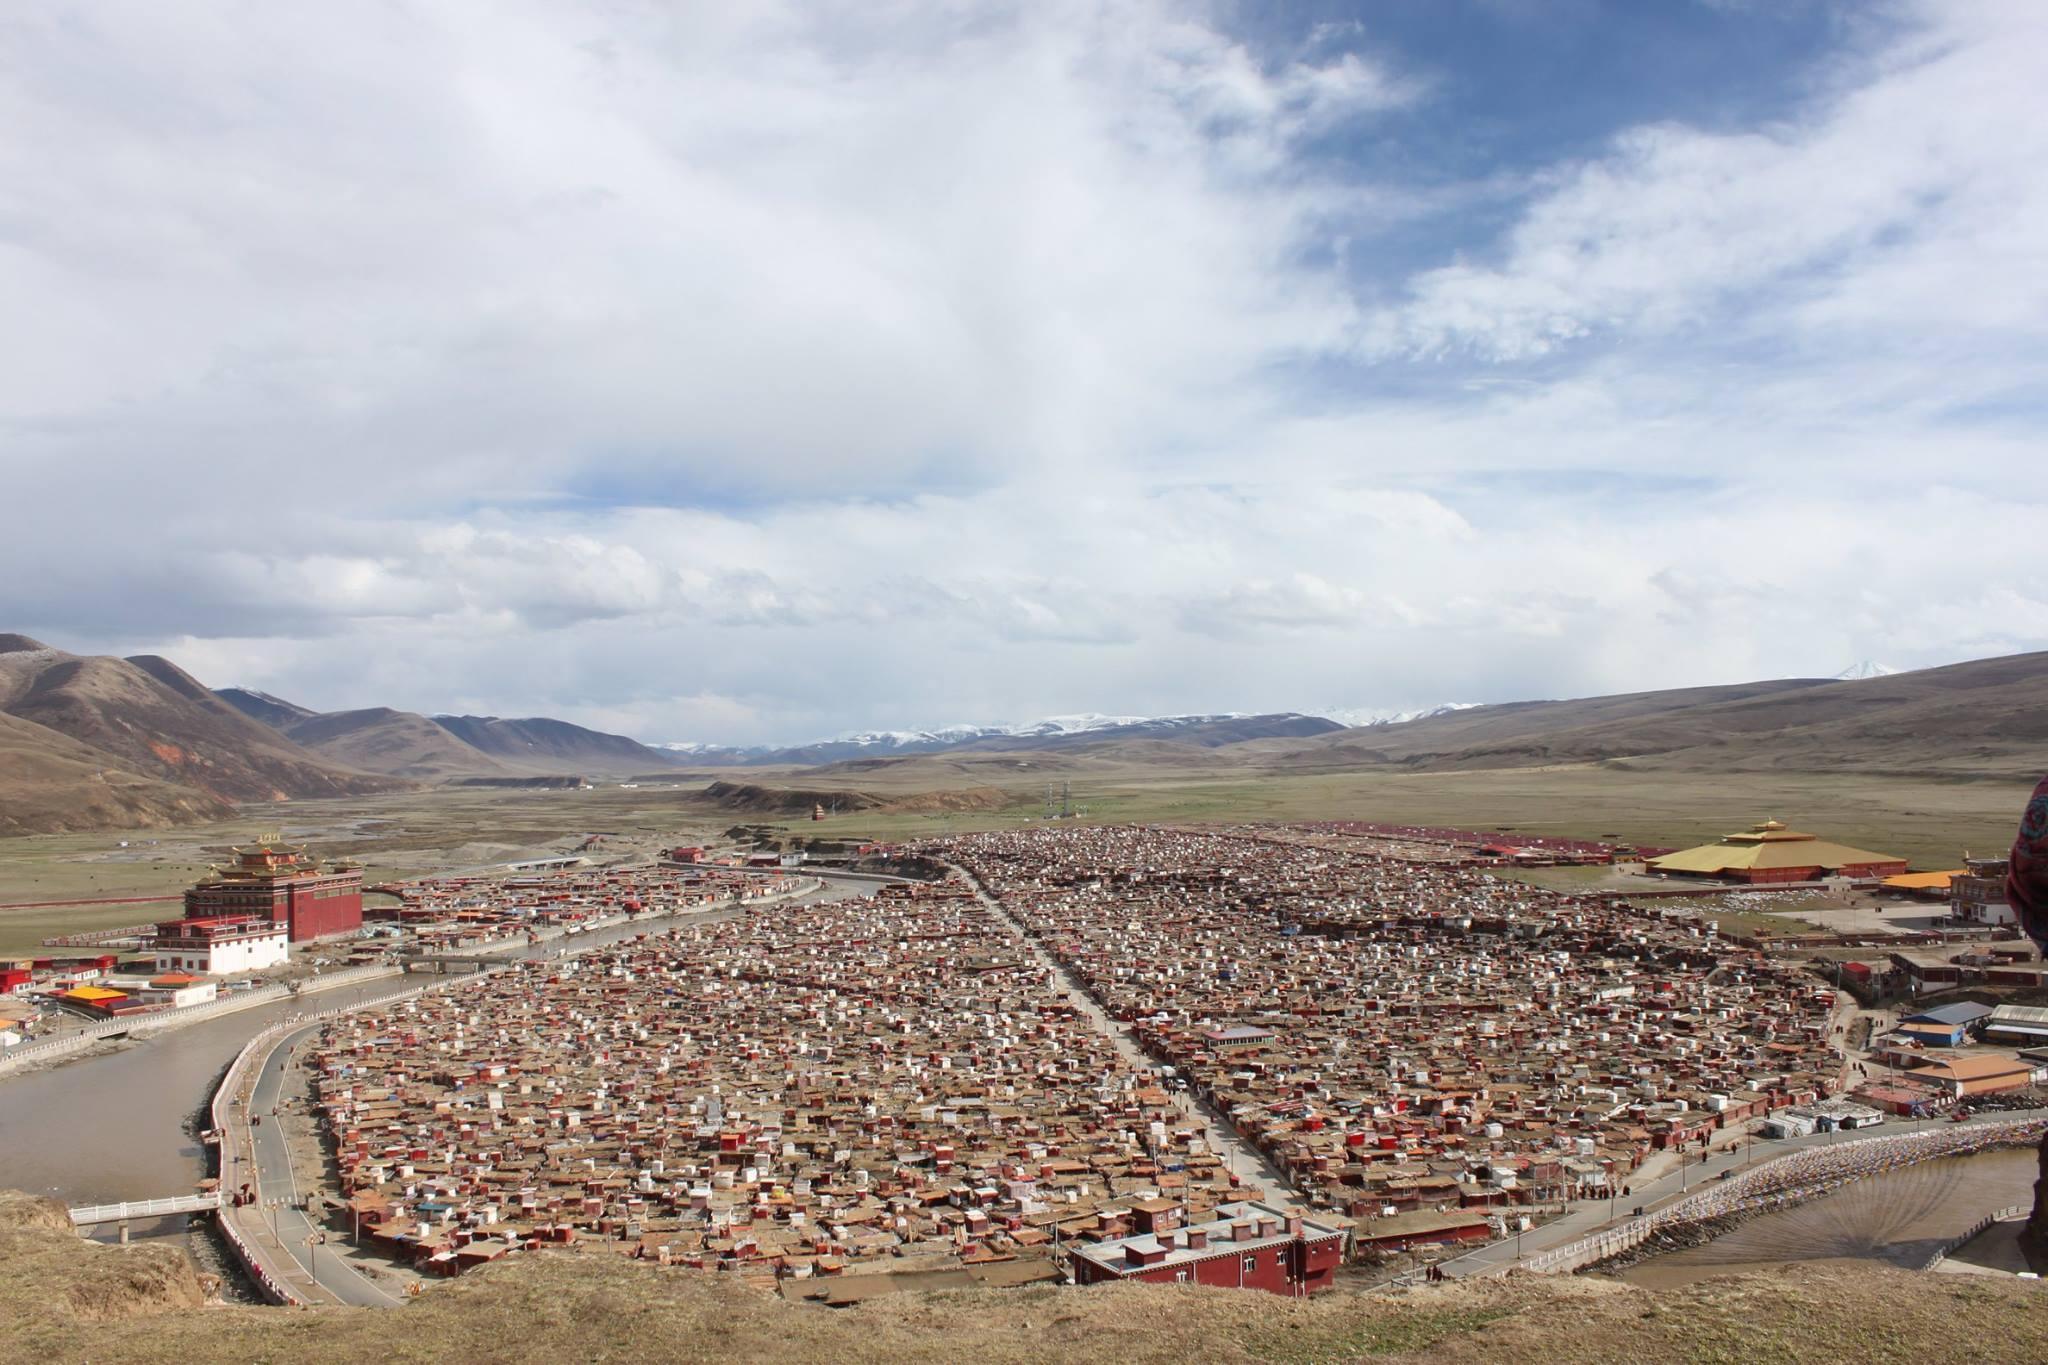 絶景の巨大尼僧院・アチェンガルゴンパ